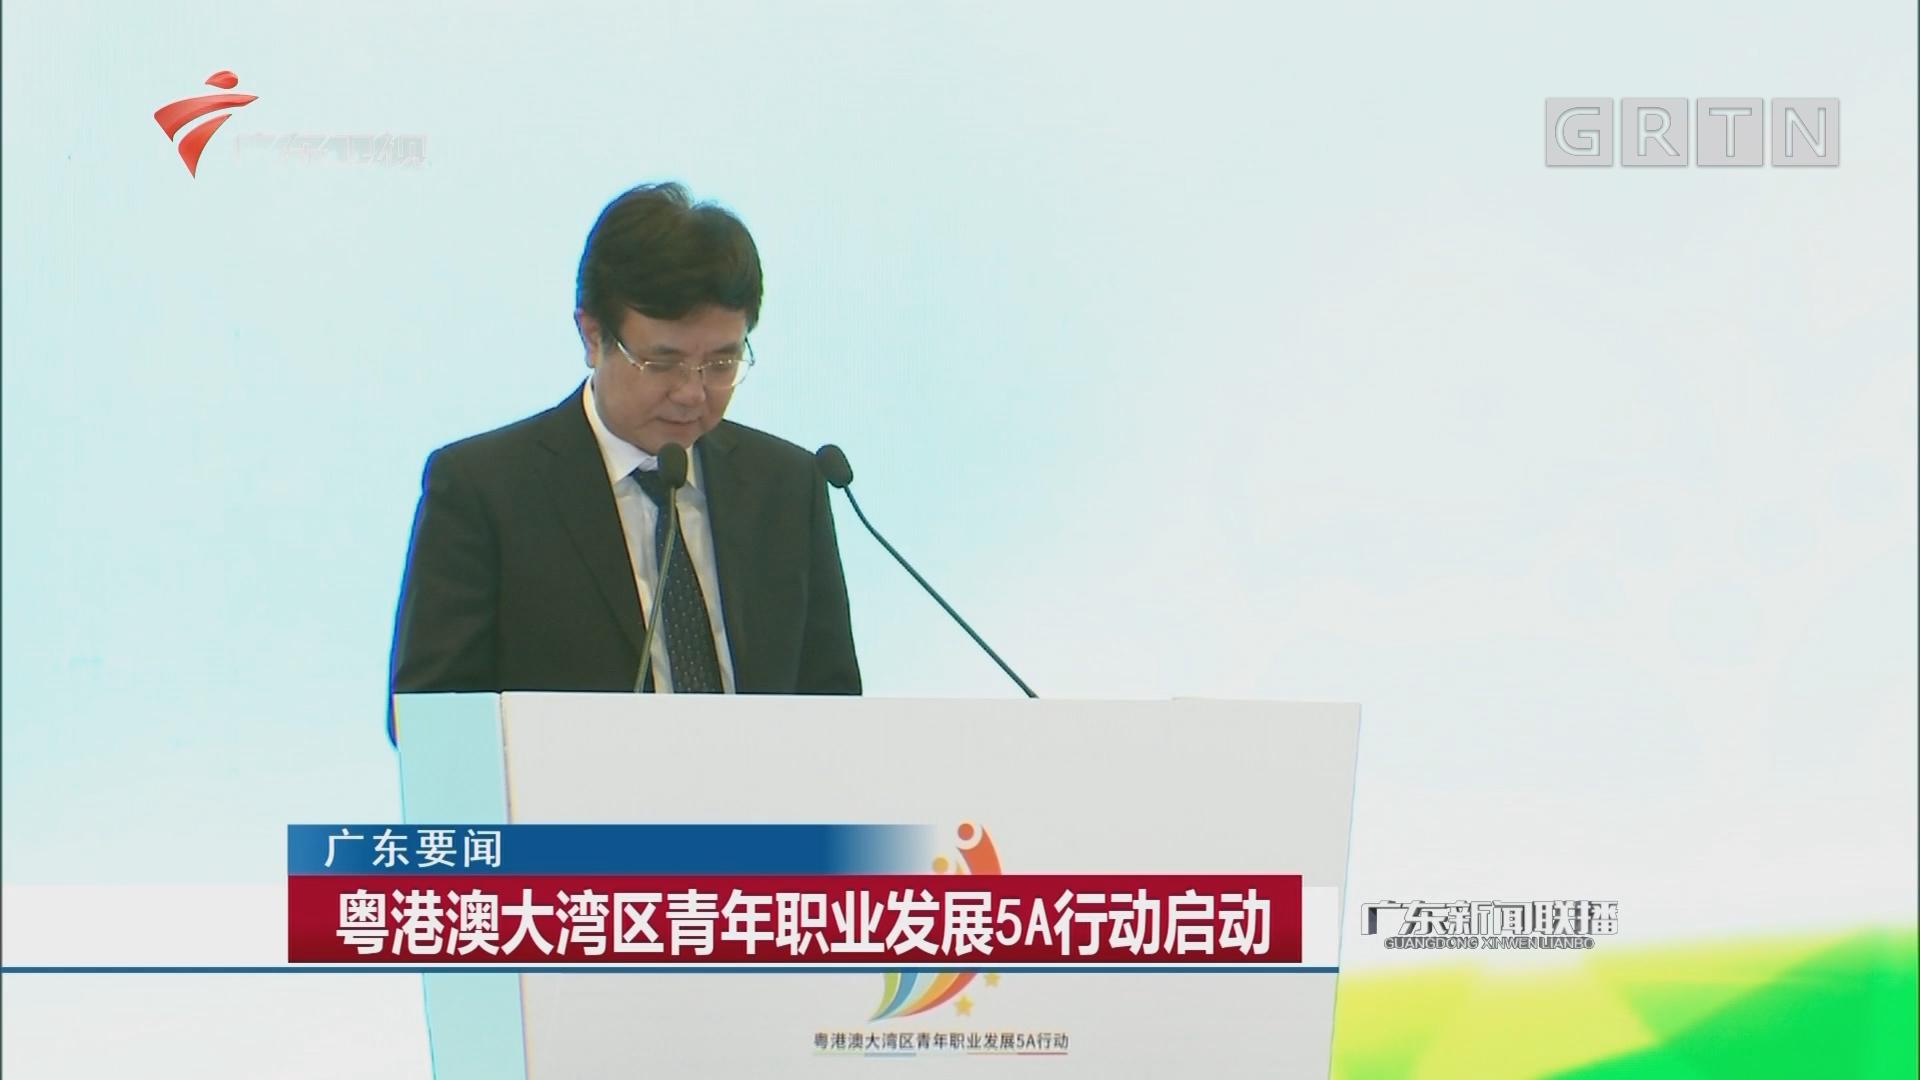 粤港澳大湾区青年职业发展5A行动启动